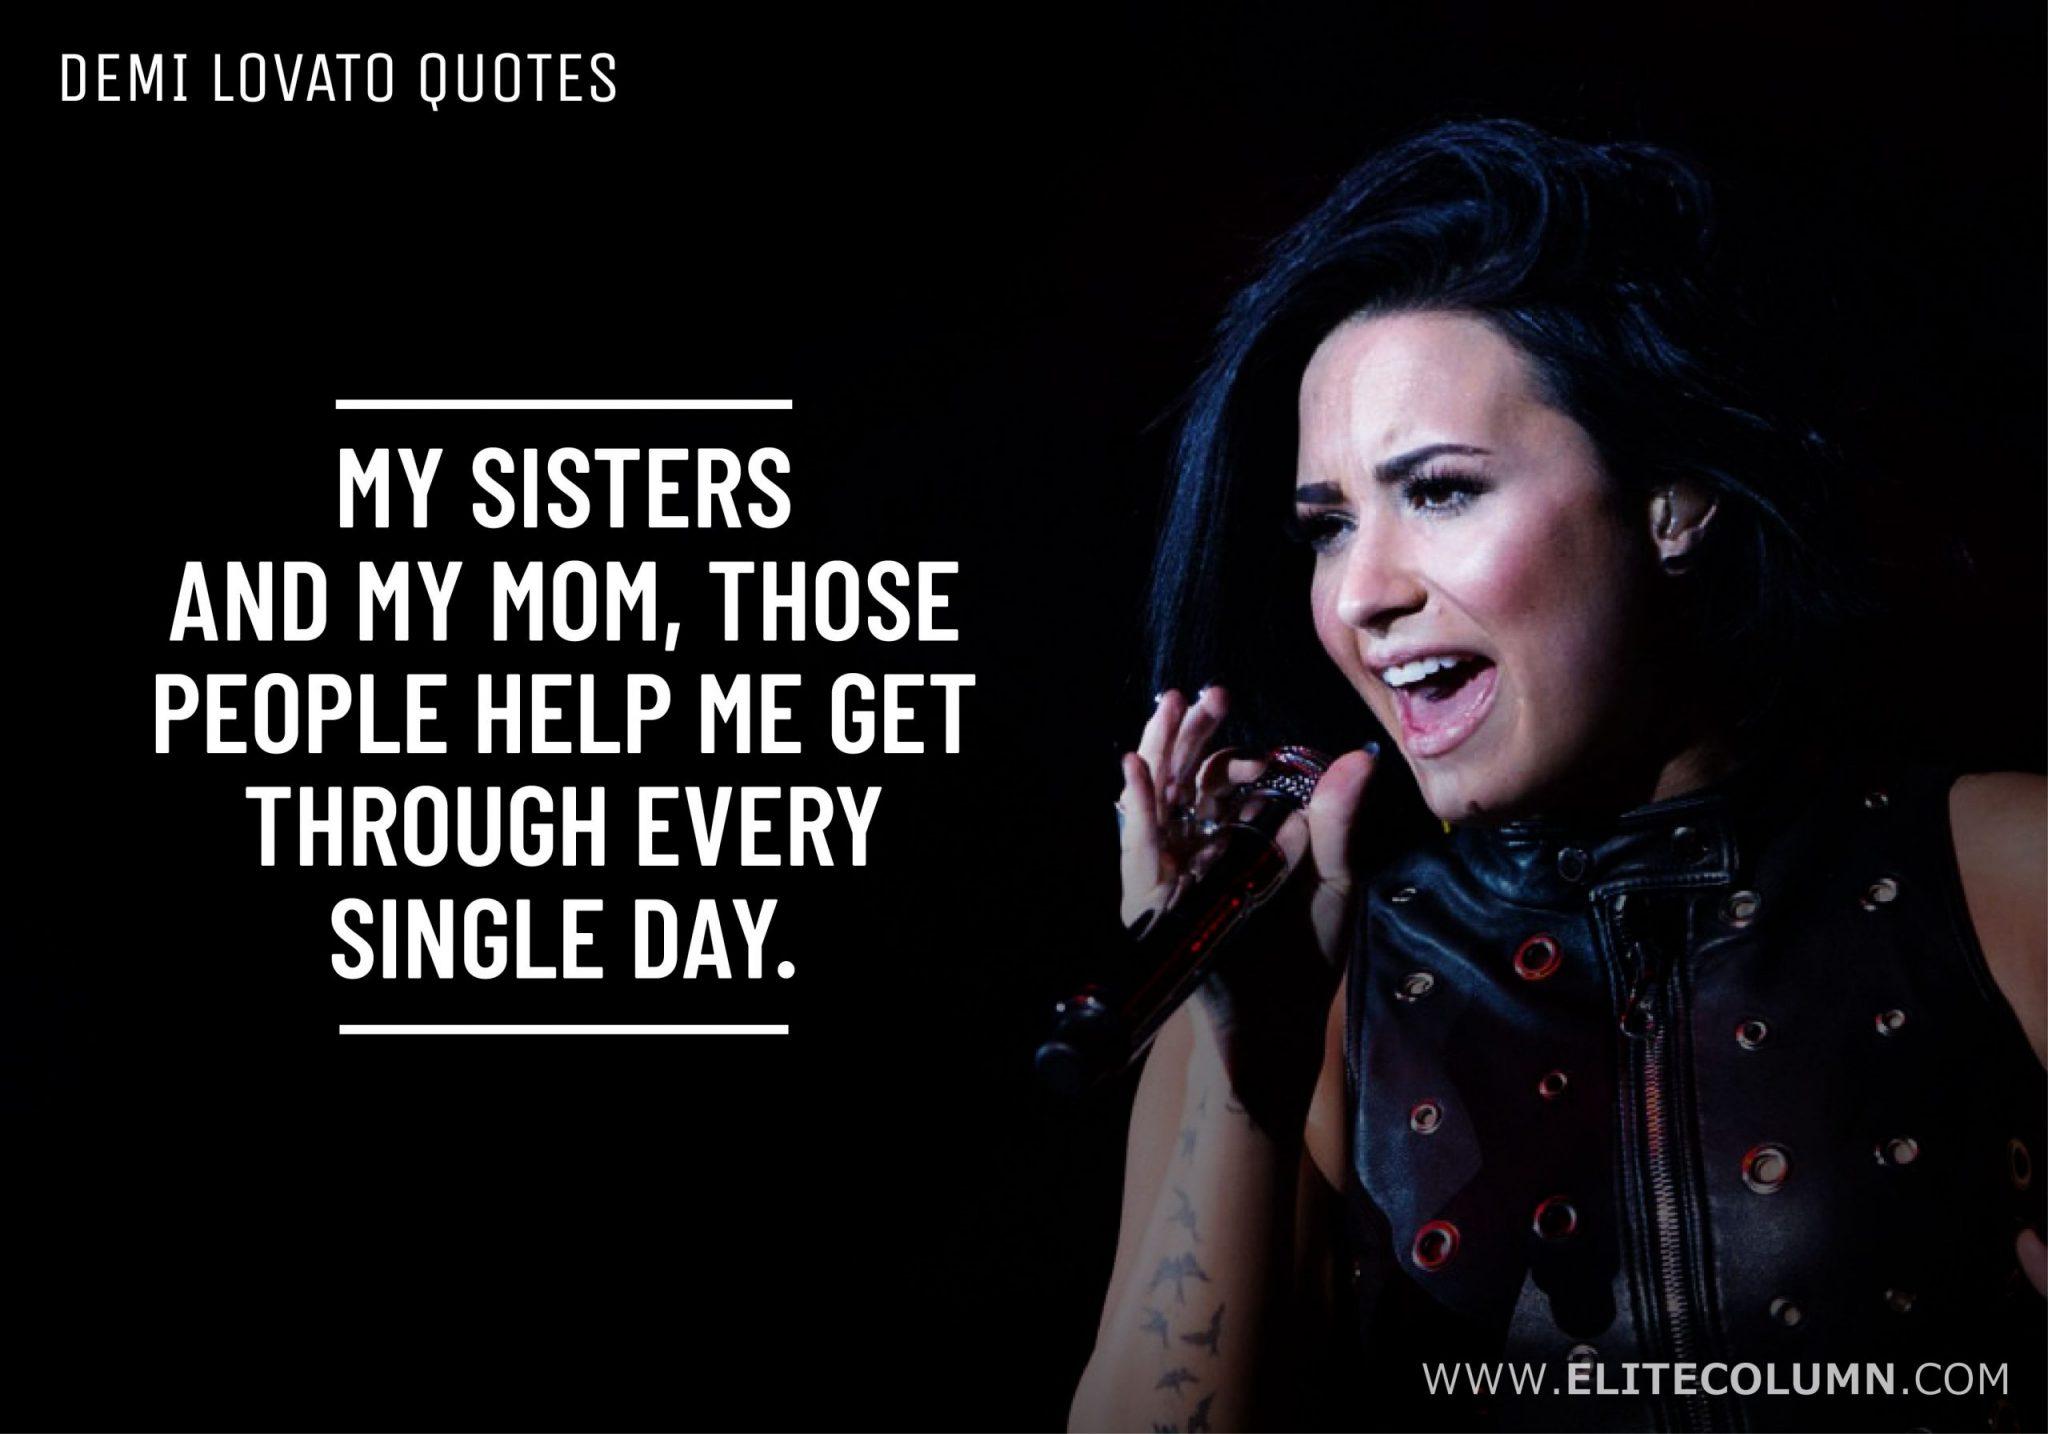 Demi Lovato Quotes (6)